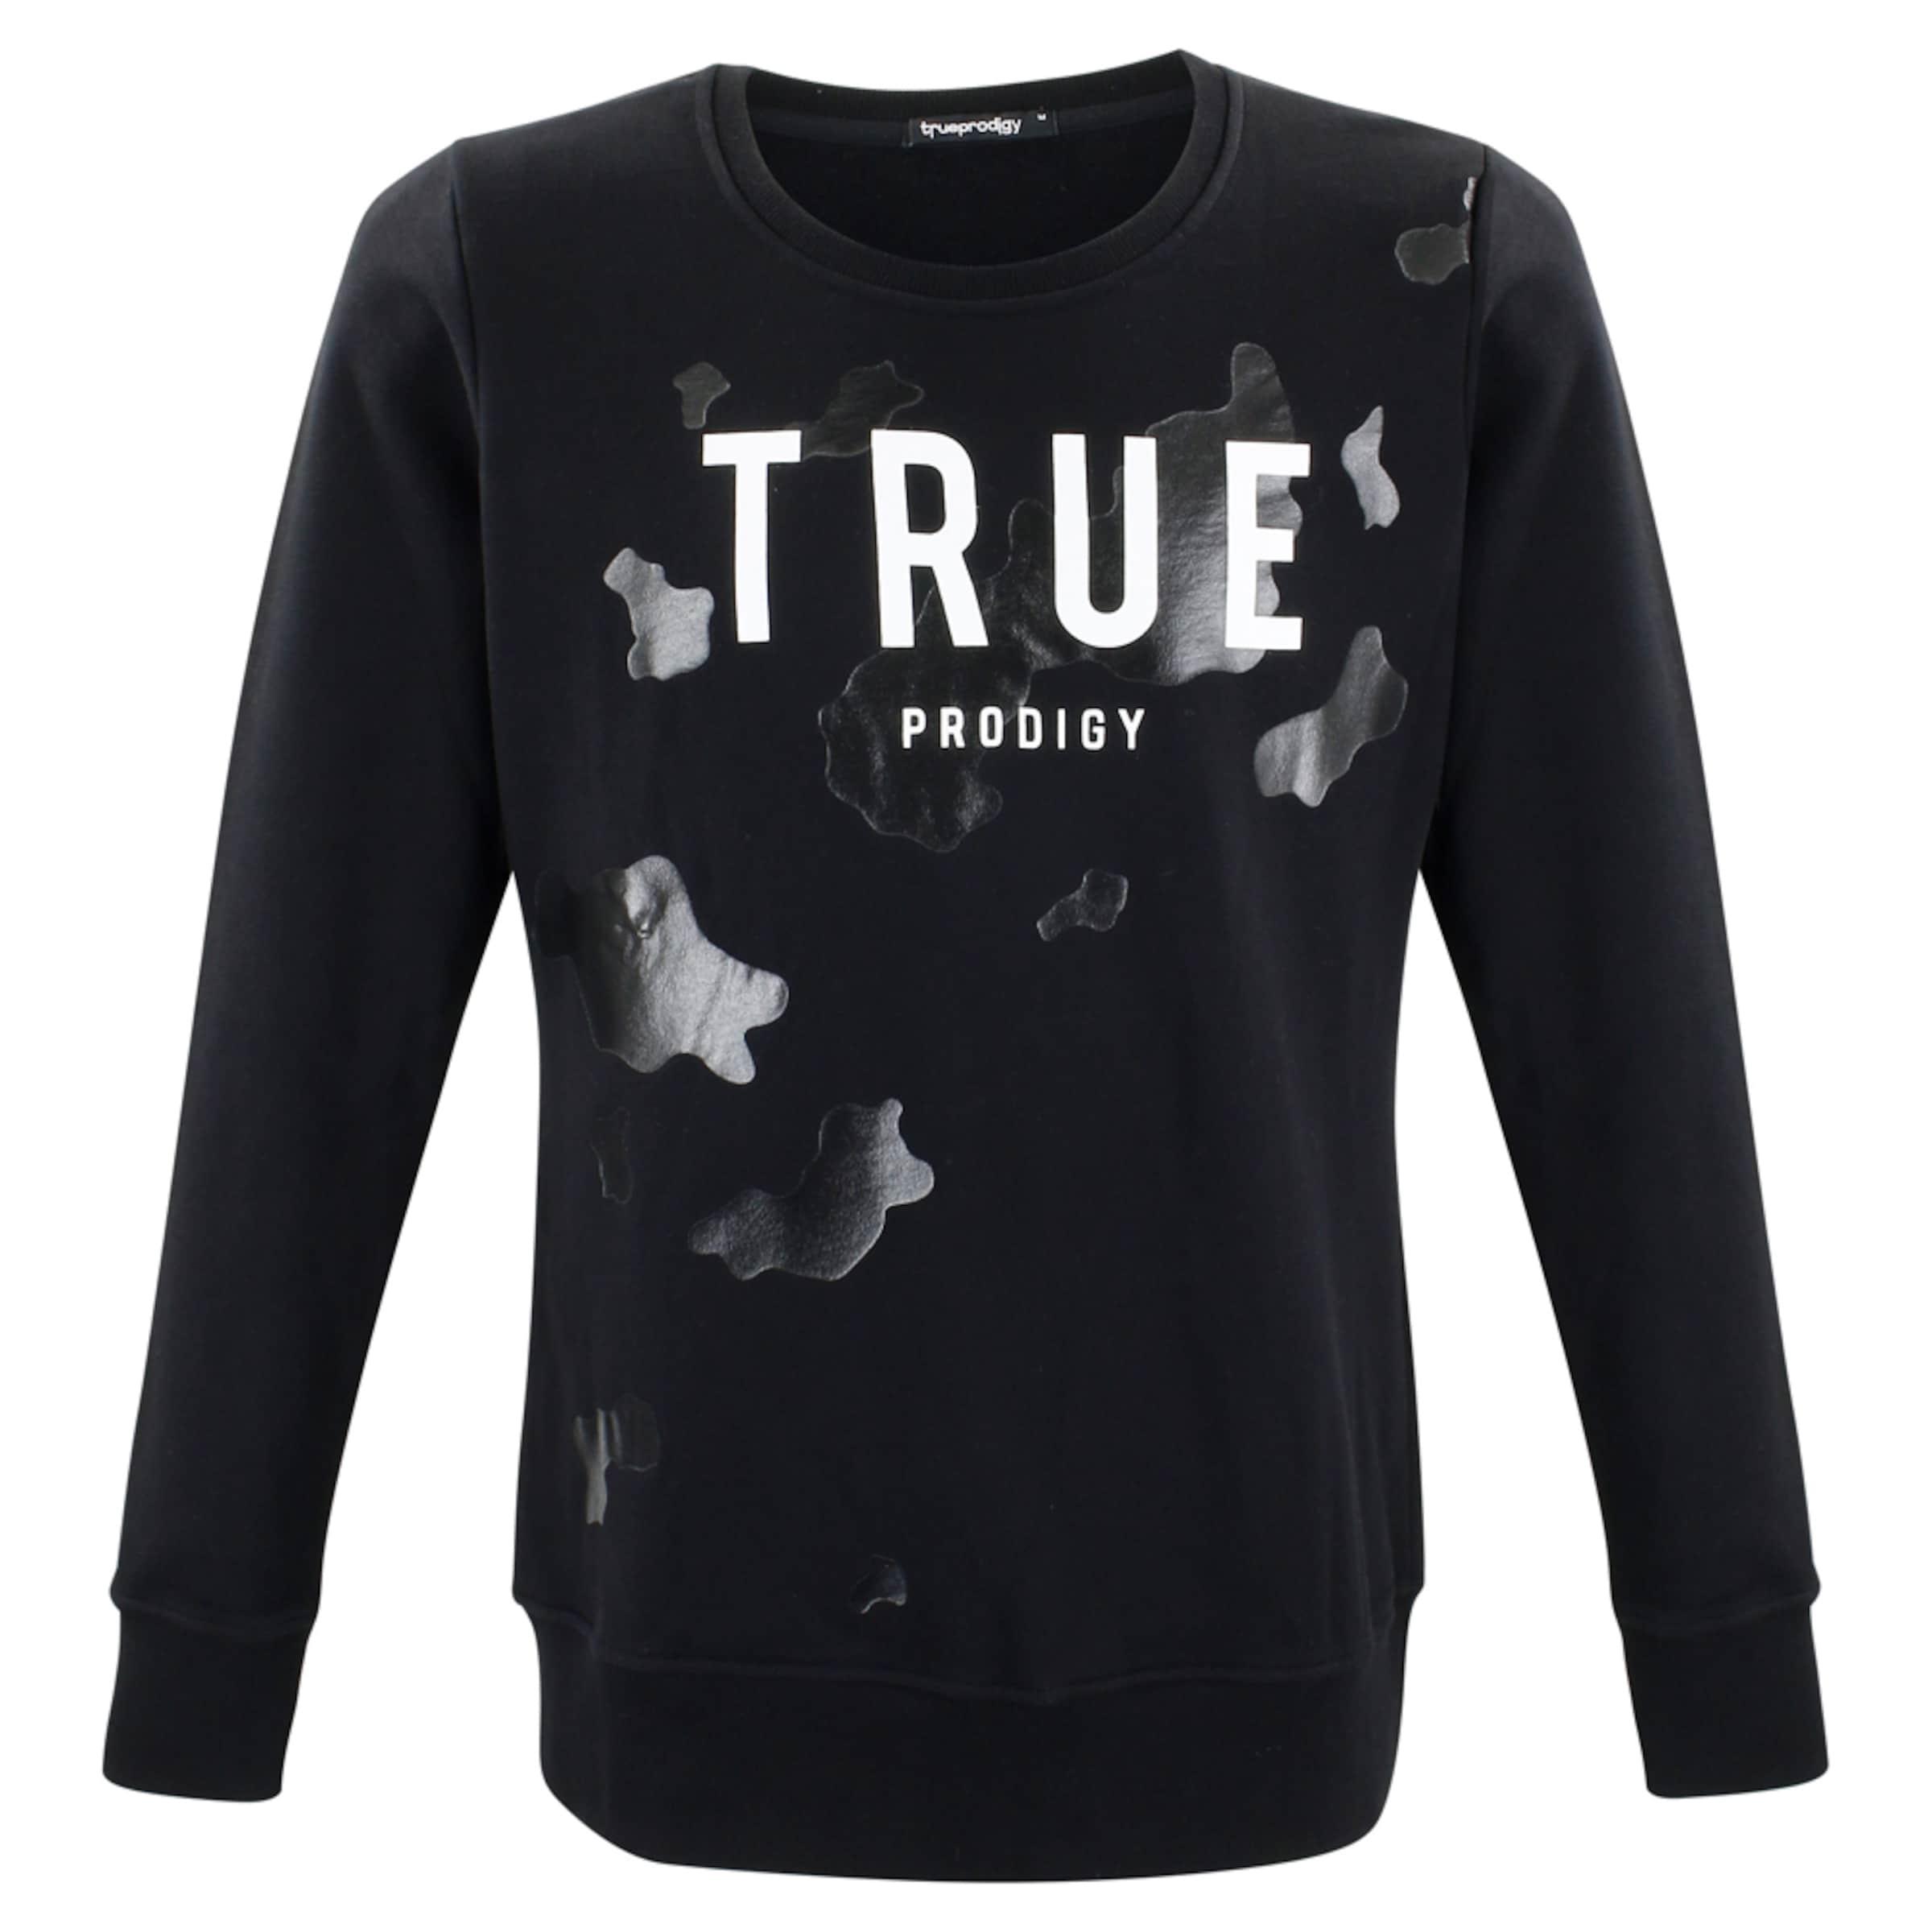 'flash' 'flash' Trueprodigy In SchwarzWeiß In Sweatshirt Sweatshirt SchwarzWeiß Sweatshirt Trueprodigy 'flash' Trueprodigy xordCBeQW